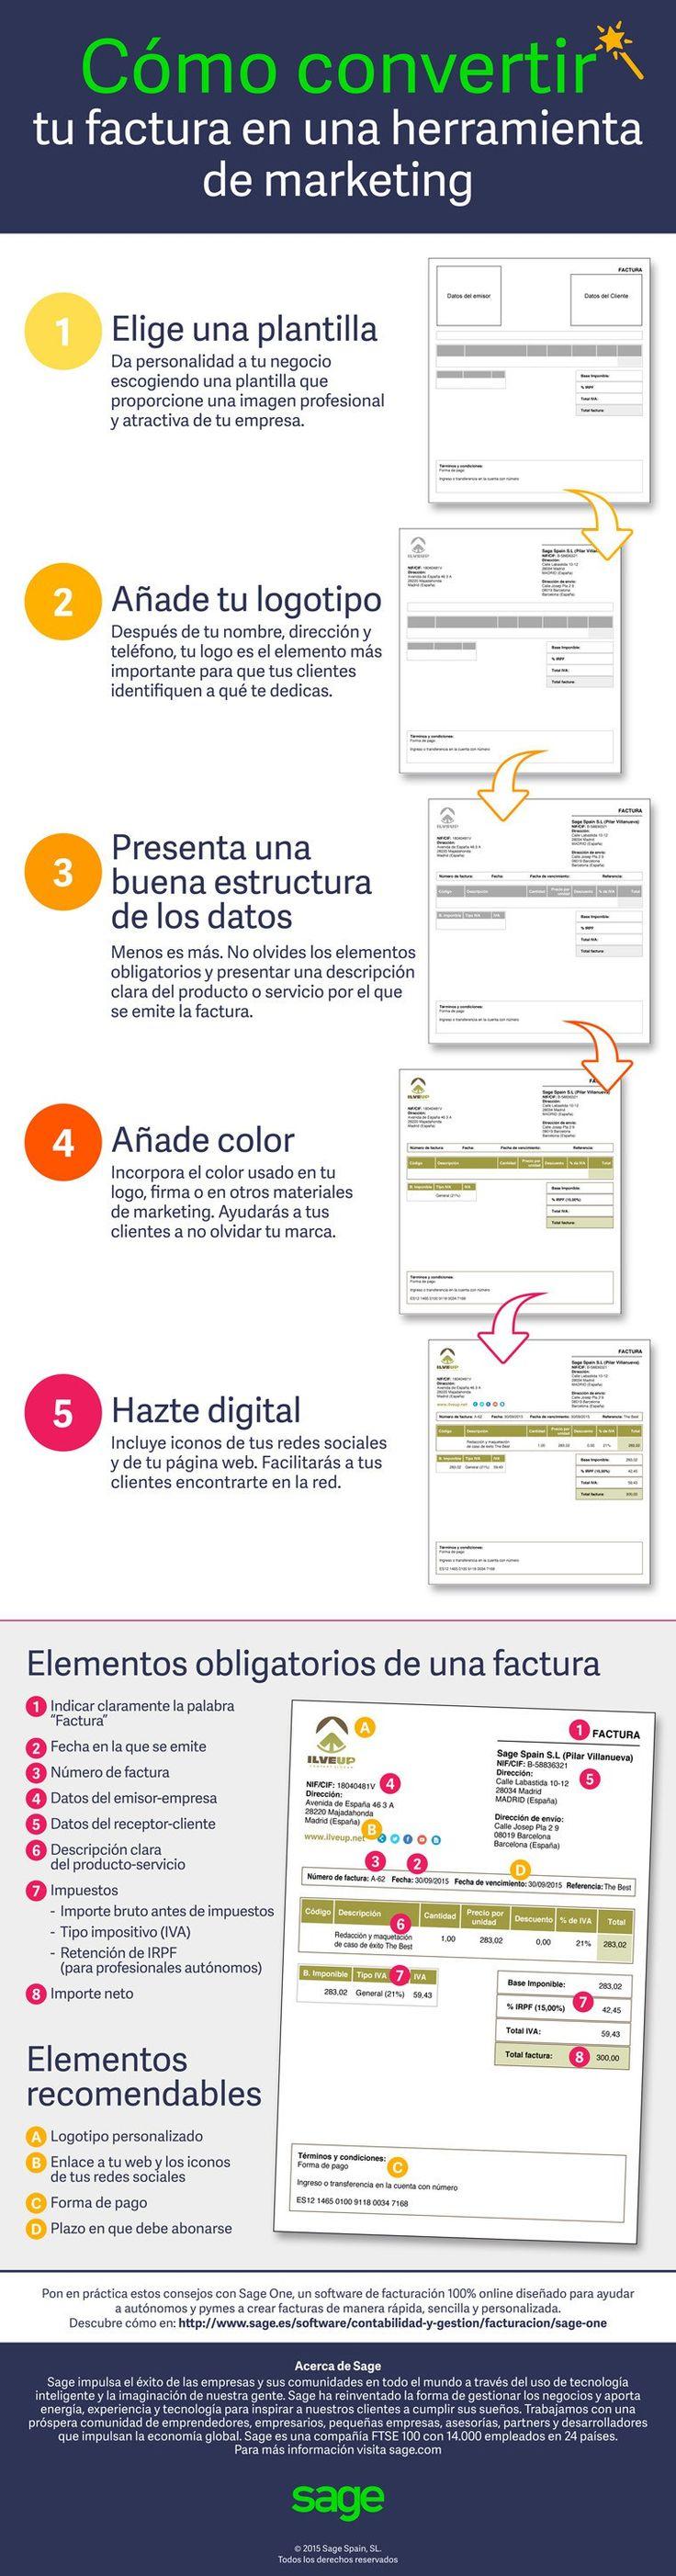 Cómo convertir una factura la mejor herramienta de Marketing #infografia #marketing